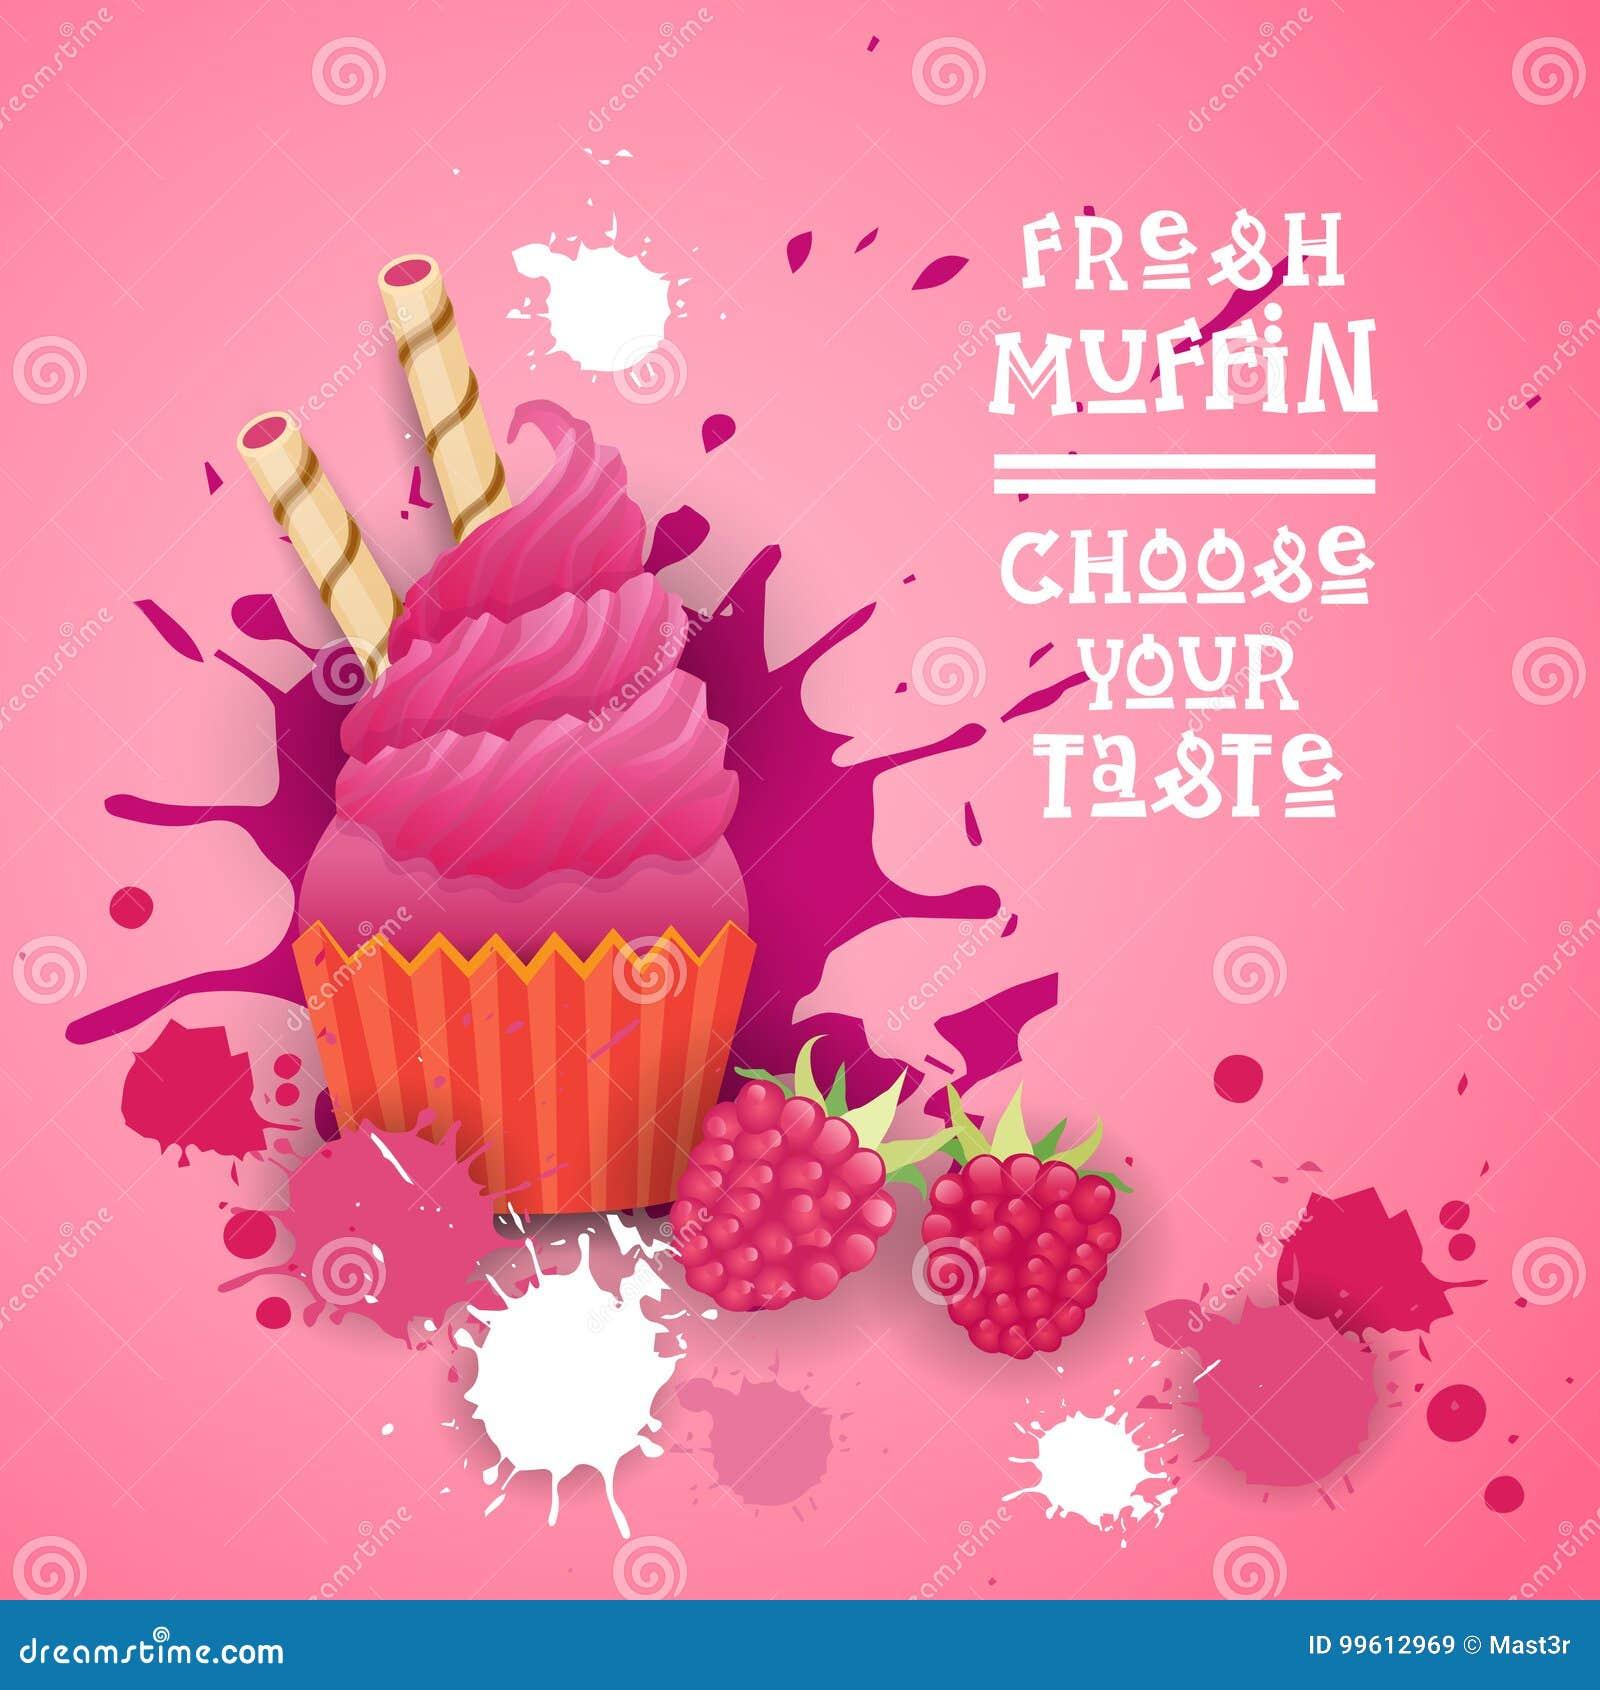 新鲜的松饼选择您的口味商标蛋糕甜美丽的杯形蛋糕点心可口食物